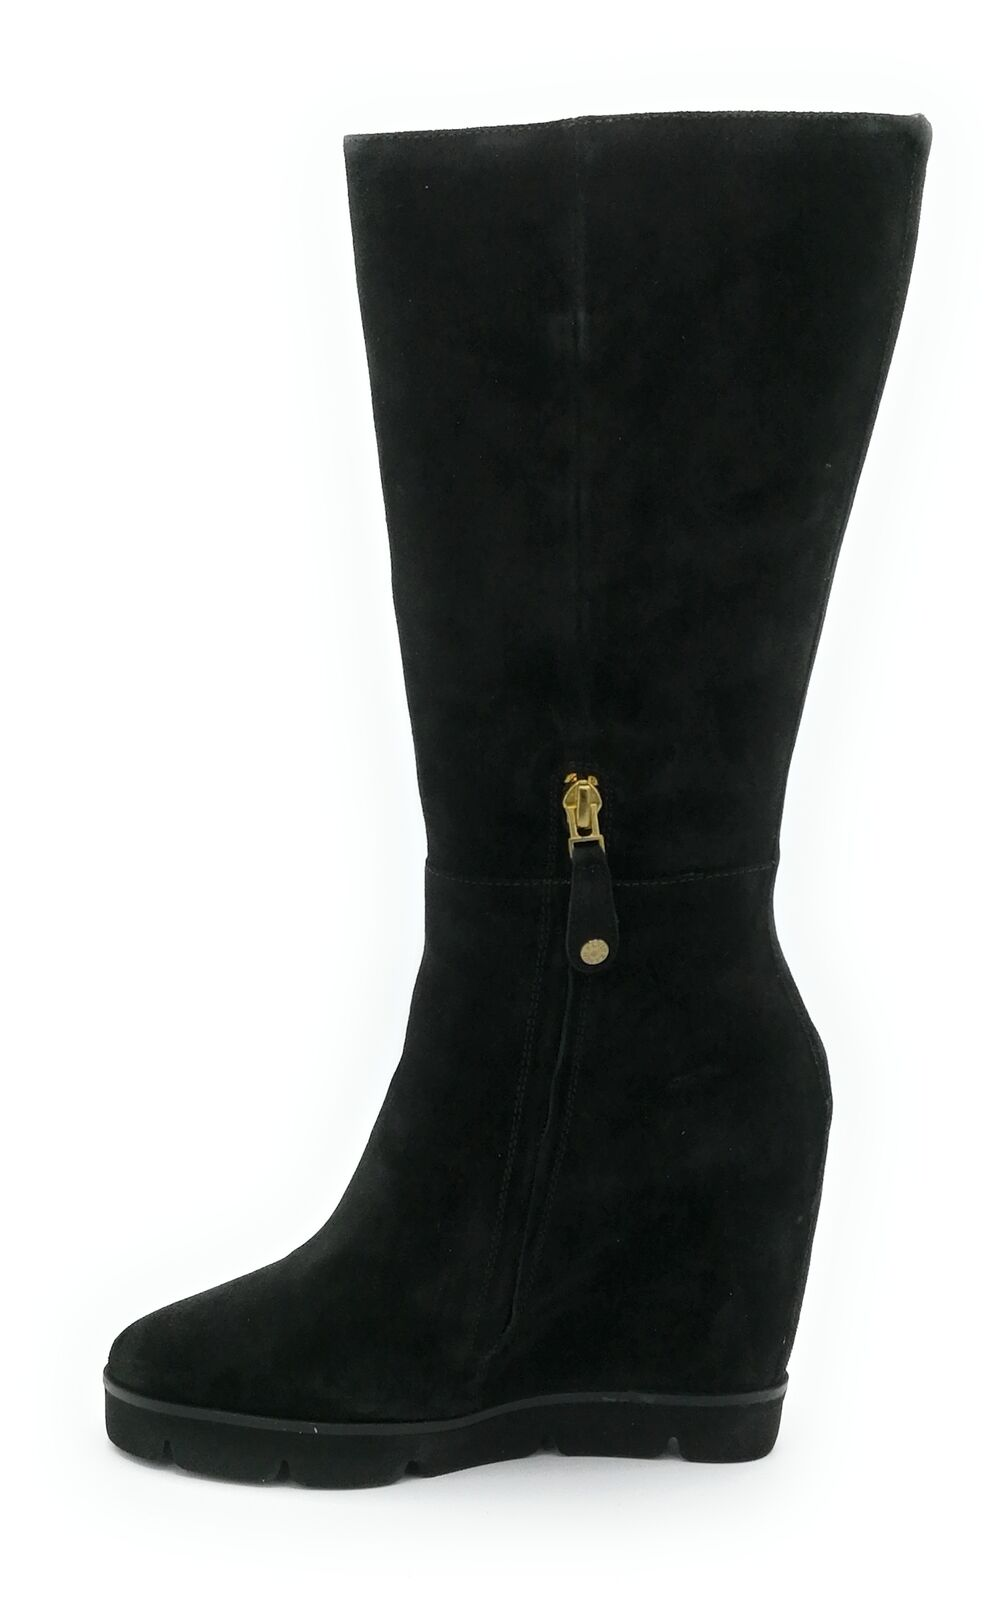 Zanon EK3305 Stiefel 3 4 Gämse Schwarz Hochkeil 10 cm Reißverschluss